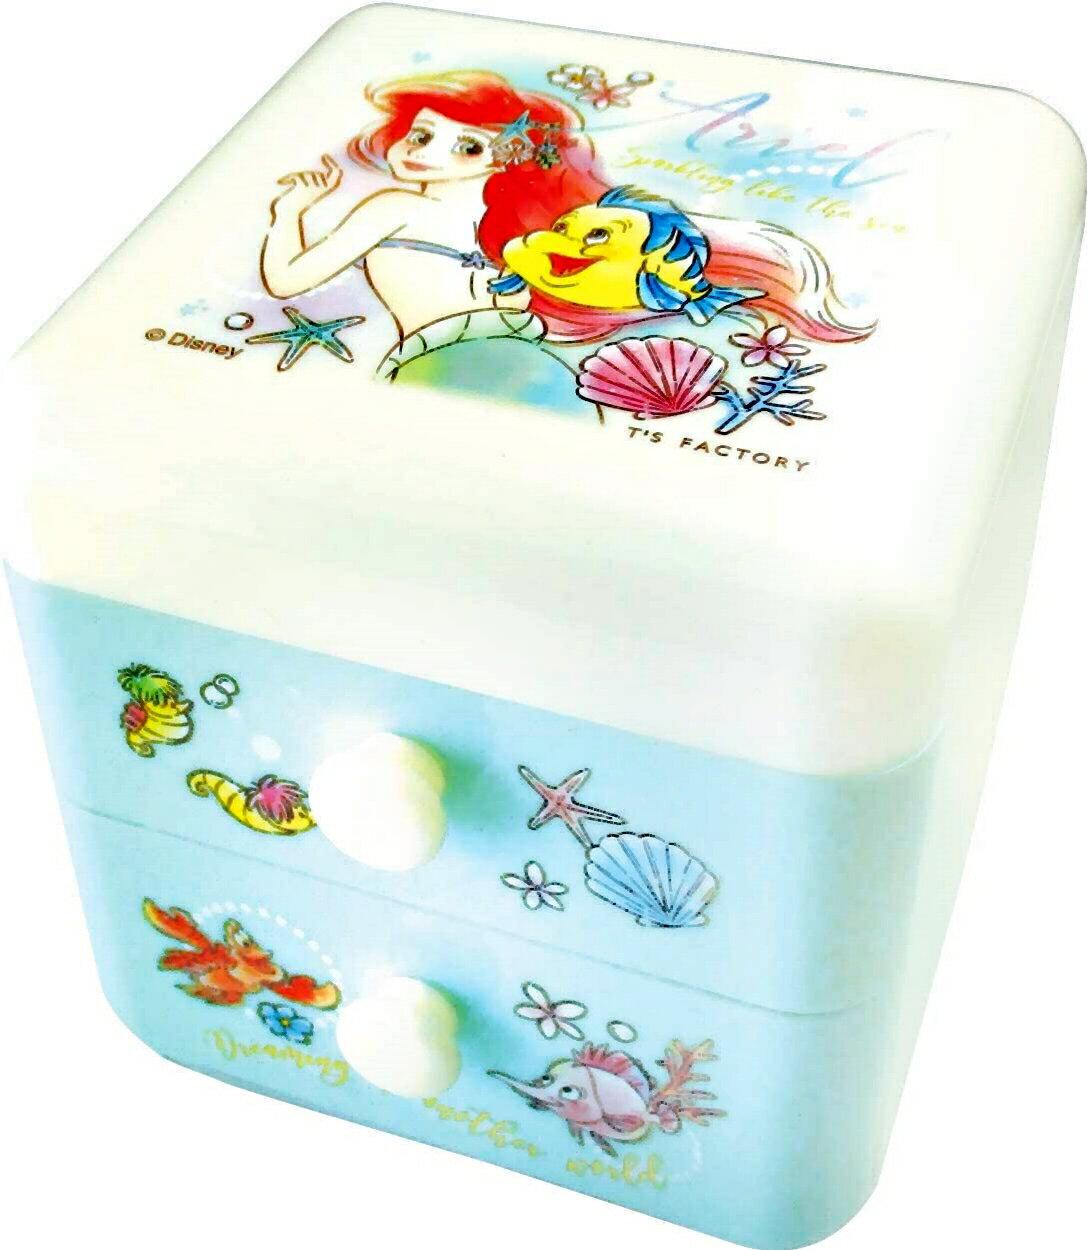 小美人魚Ariel 雙層抽屜櫃,置物盒 / 收納盒 / 抽屜收納盒 / 筆筒 / 桌上收納盒,X射線【C107087】 0